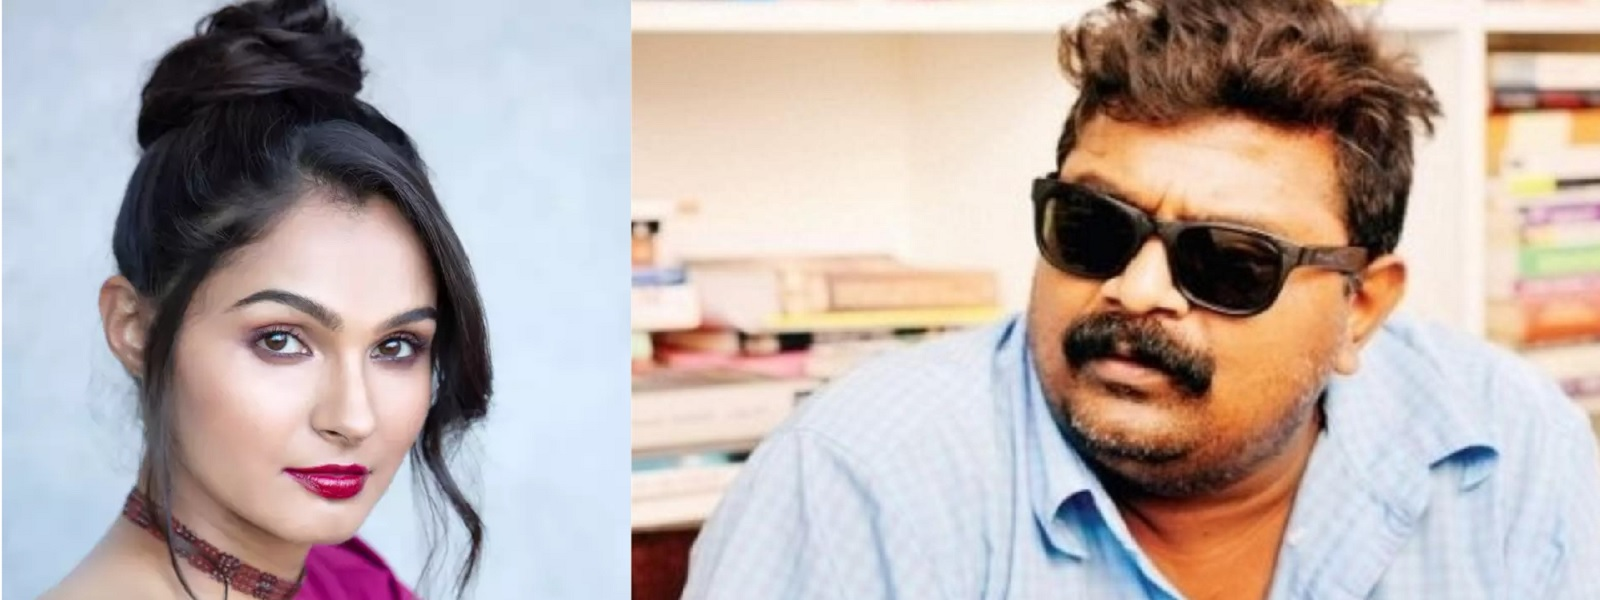 ஆண்ட்ரியாவிற்கு தேசிய விருது கிடைக்கும்: மிஸ்கின் நம்பிக்கை